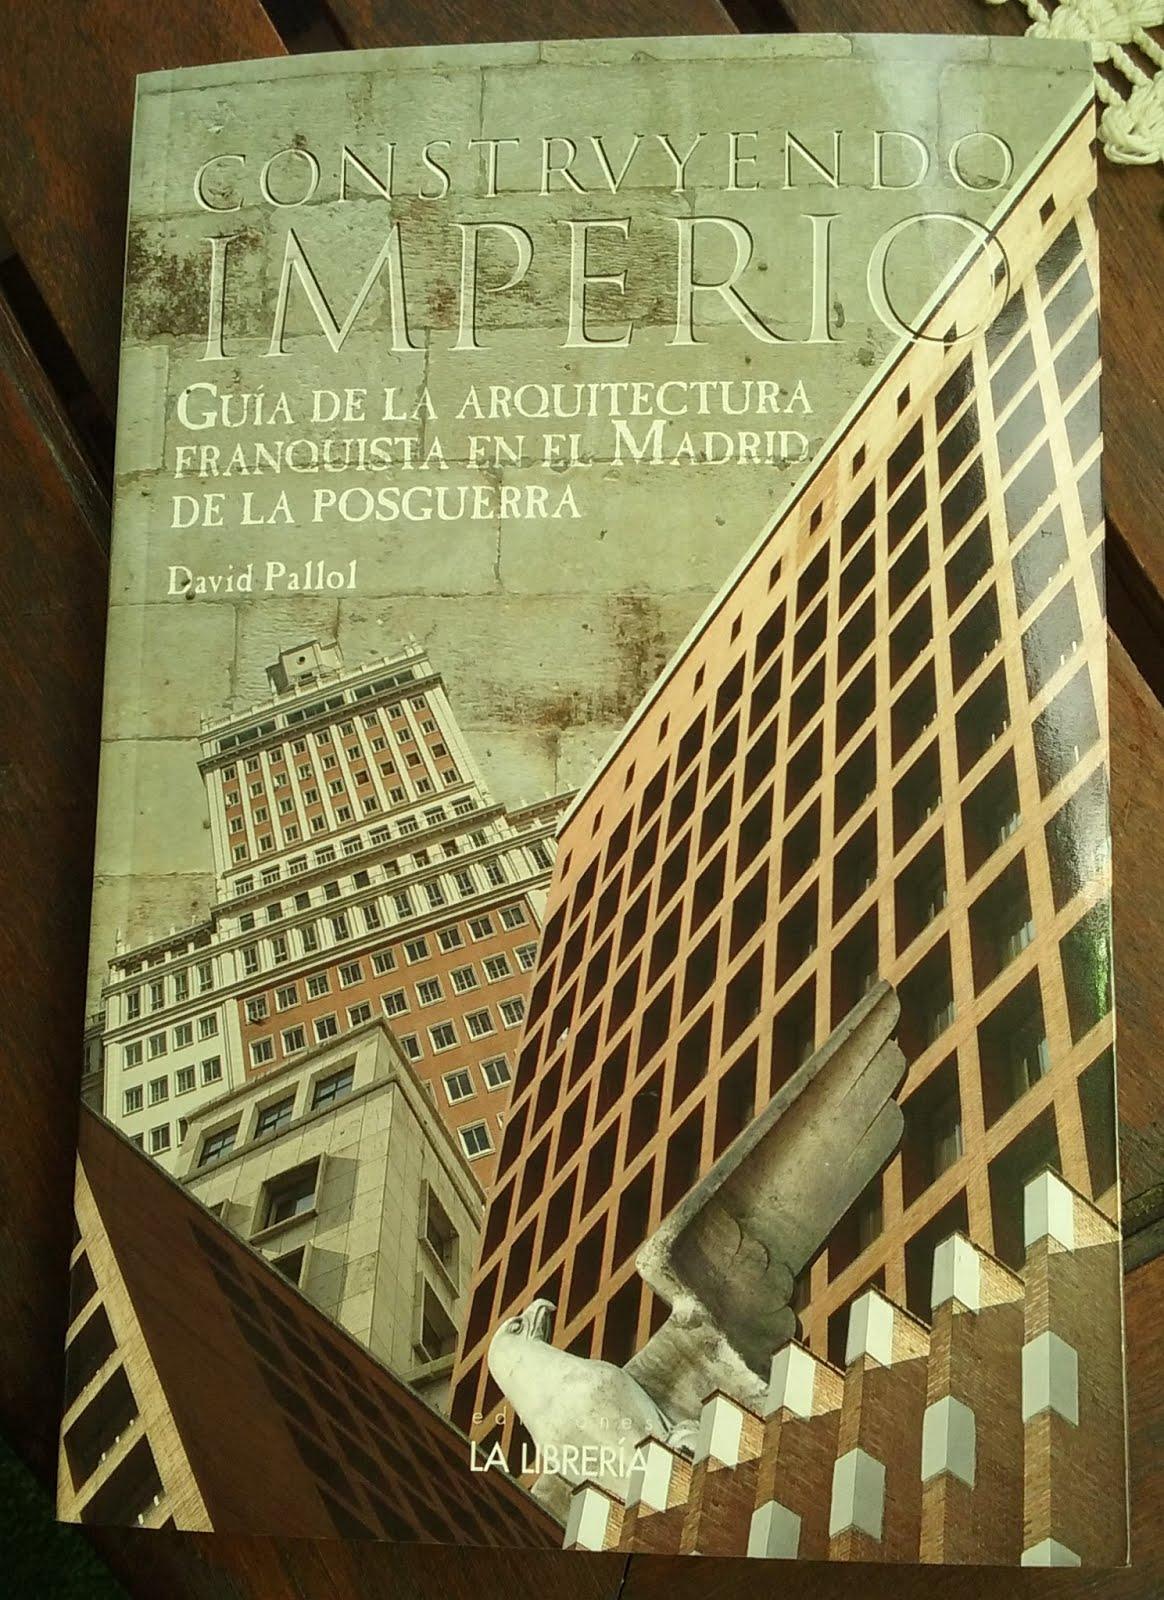 'Construyendo Imperio': Guía de la arquitectura franquista de posguerra en Madrid